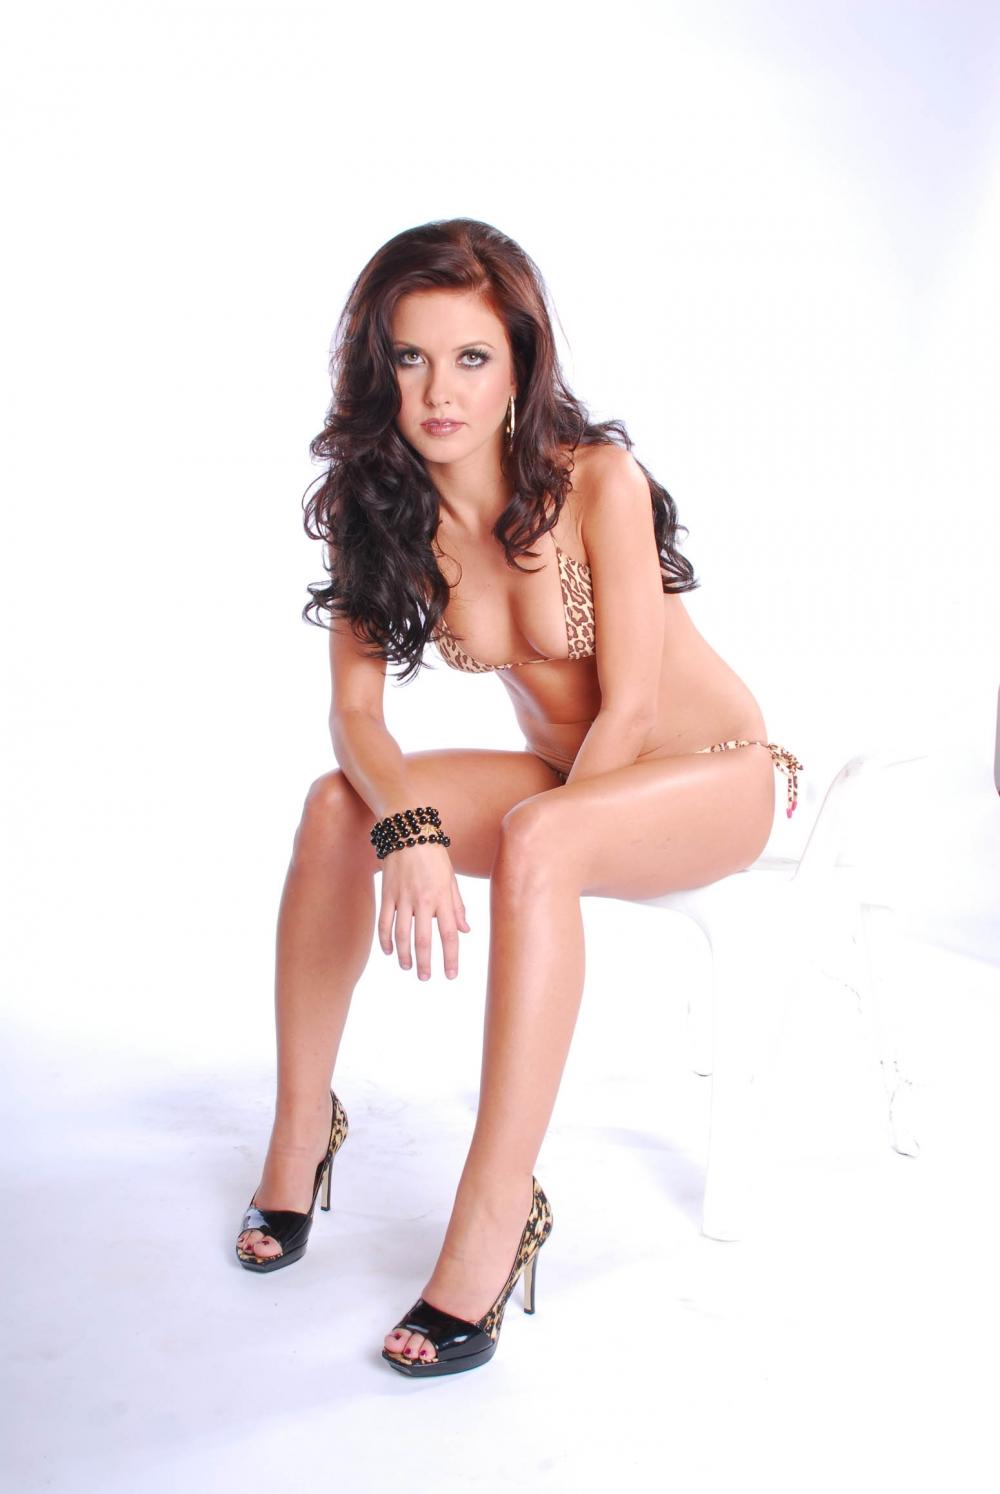 Audrina patridge nude photos here